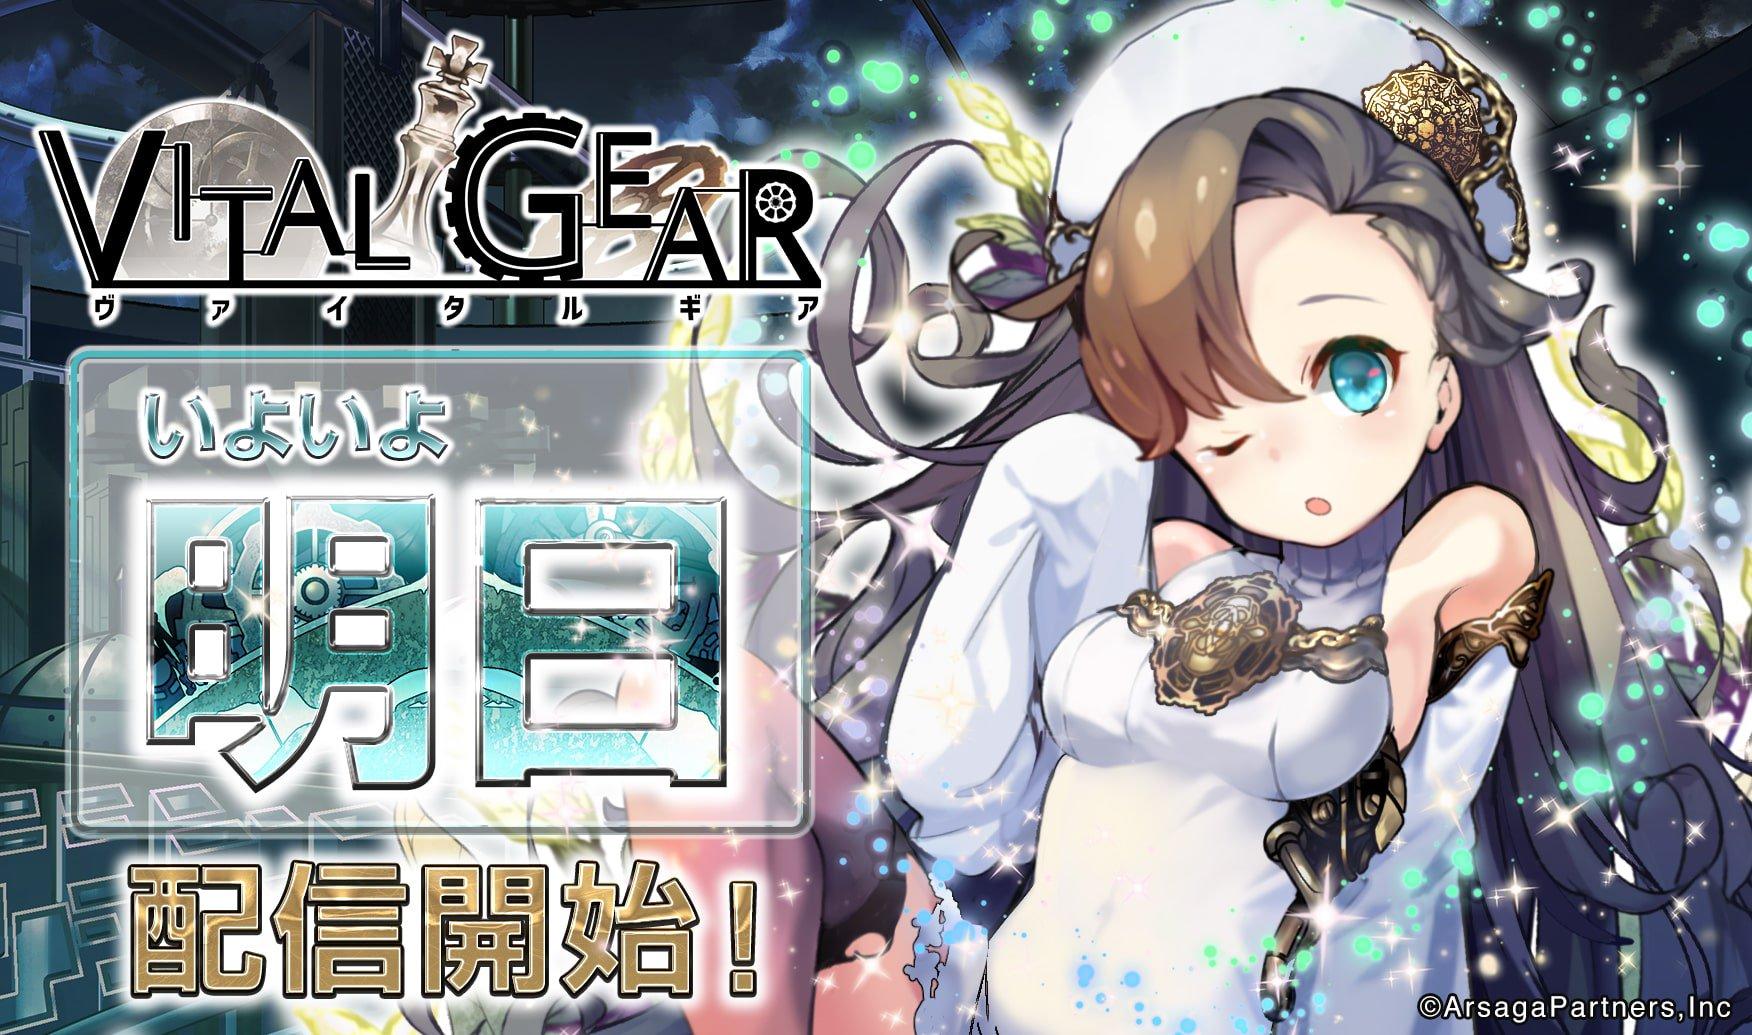 《Vital Gear》将于明日(6月8日)正式iOS/安卓双平台同步配信 1